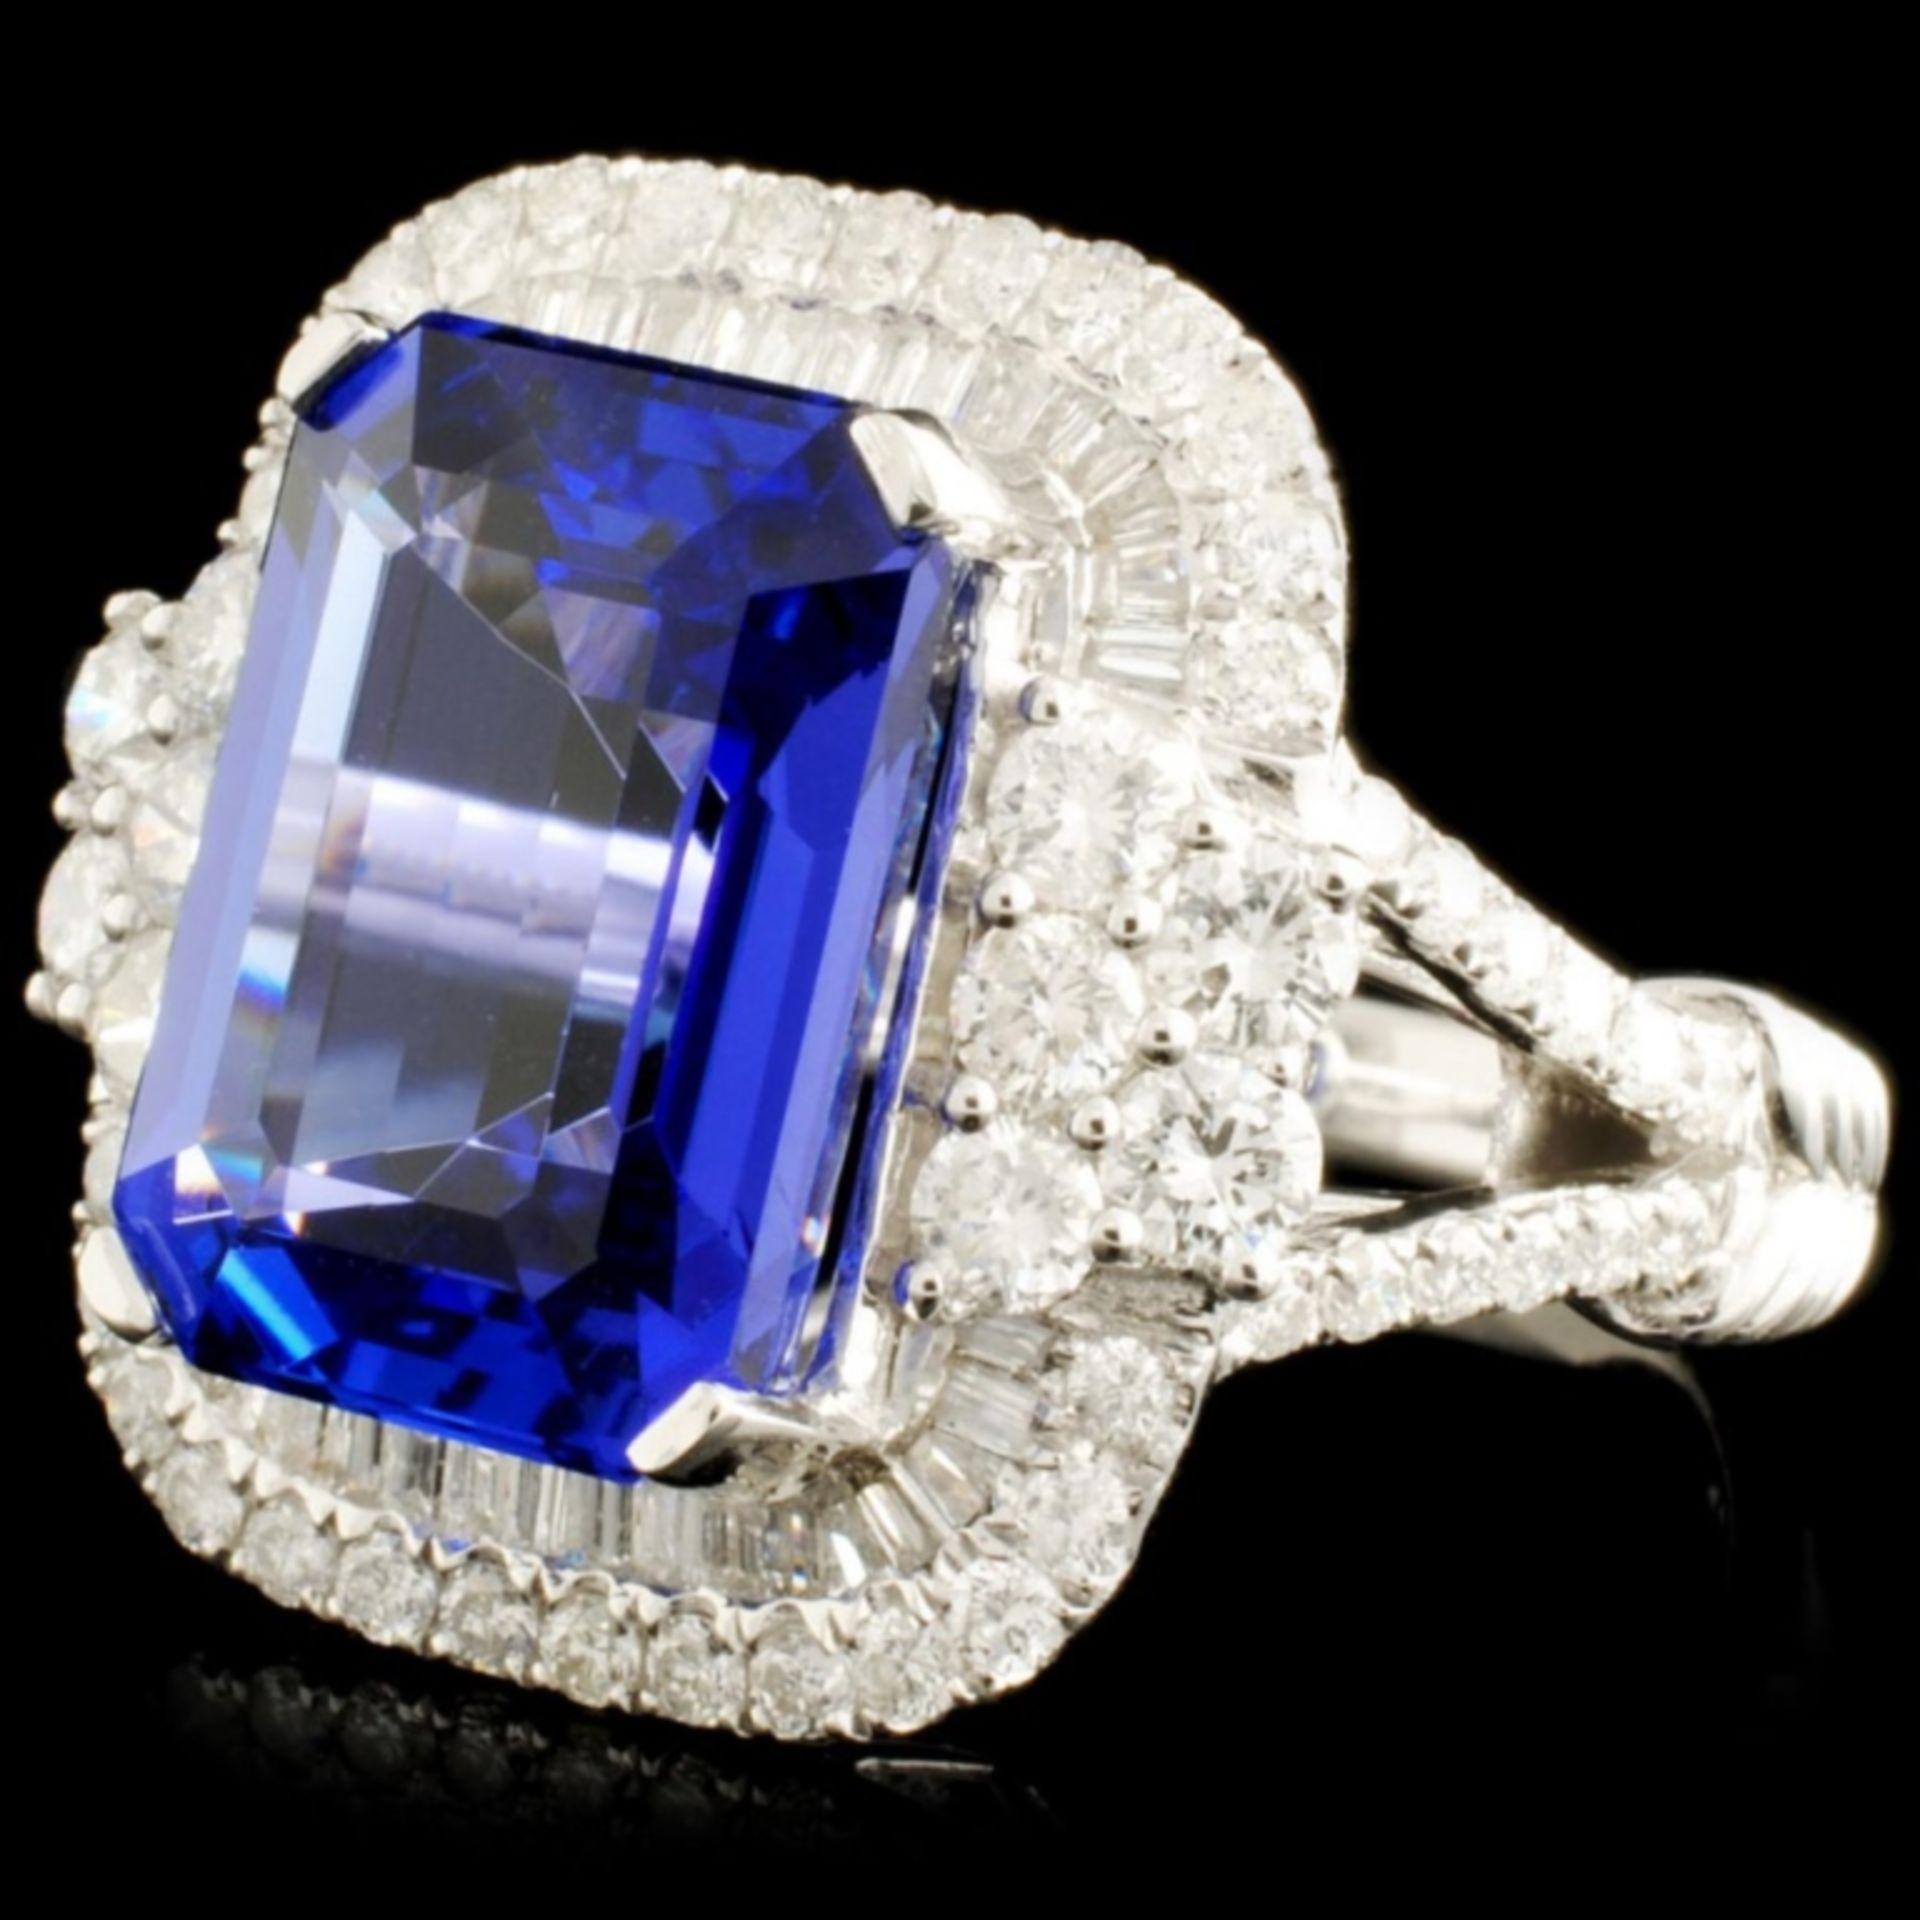 18K Gold 8.12ct Tanzanite & 1.58ctw Diamond Ring - Image 2 of 5